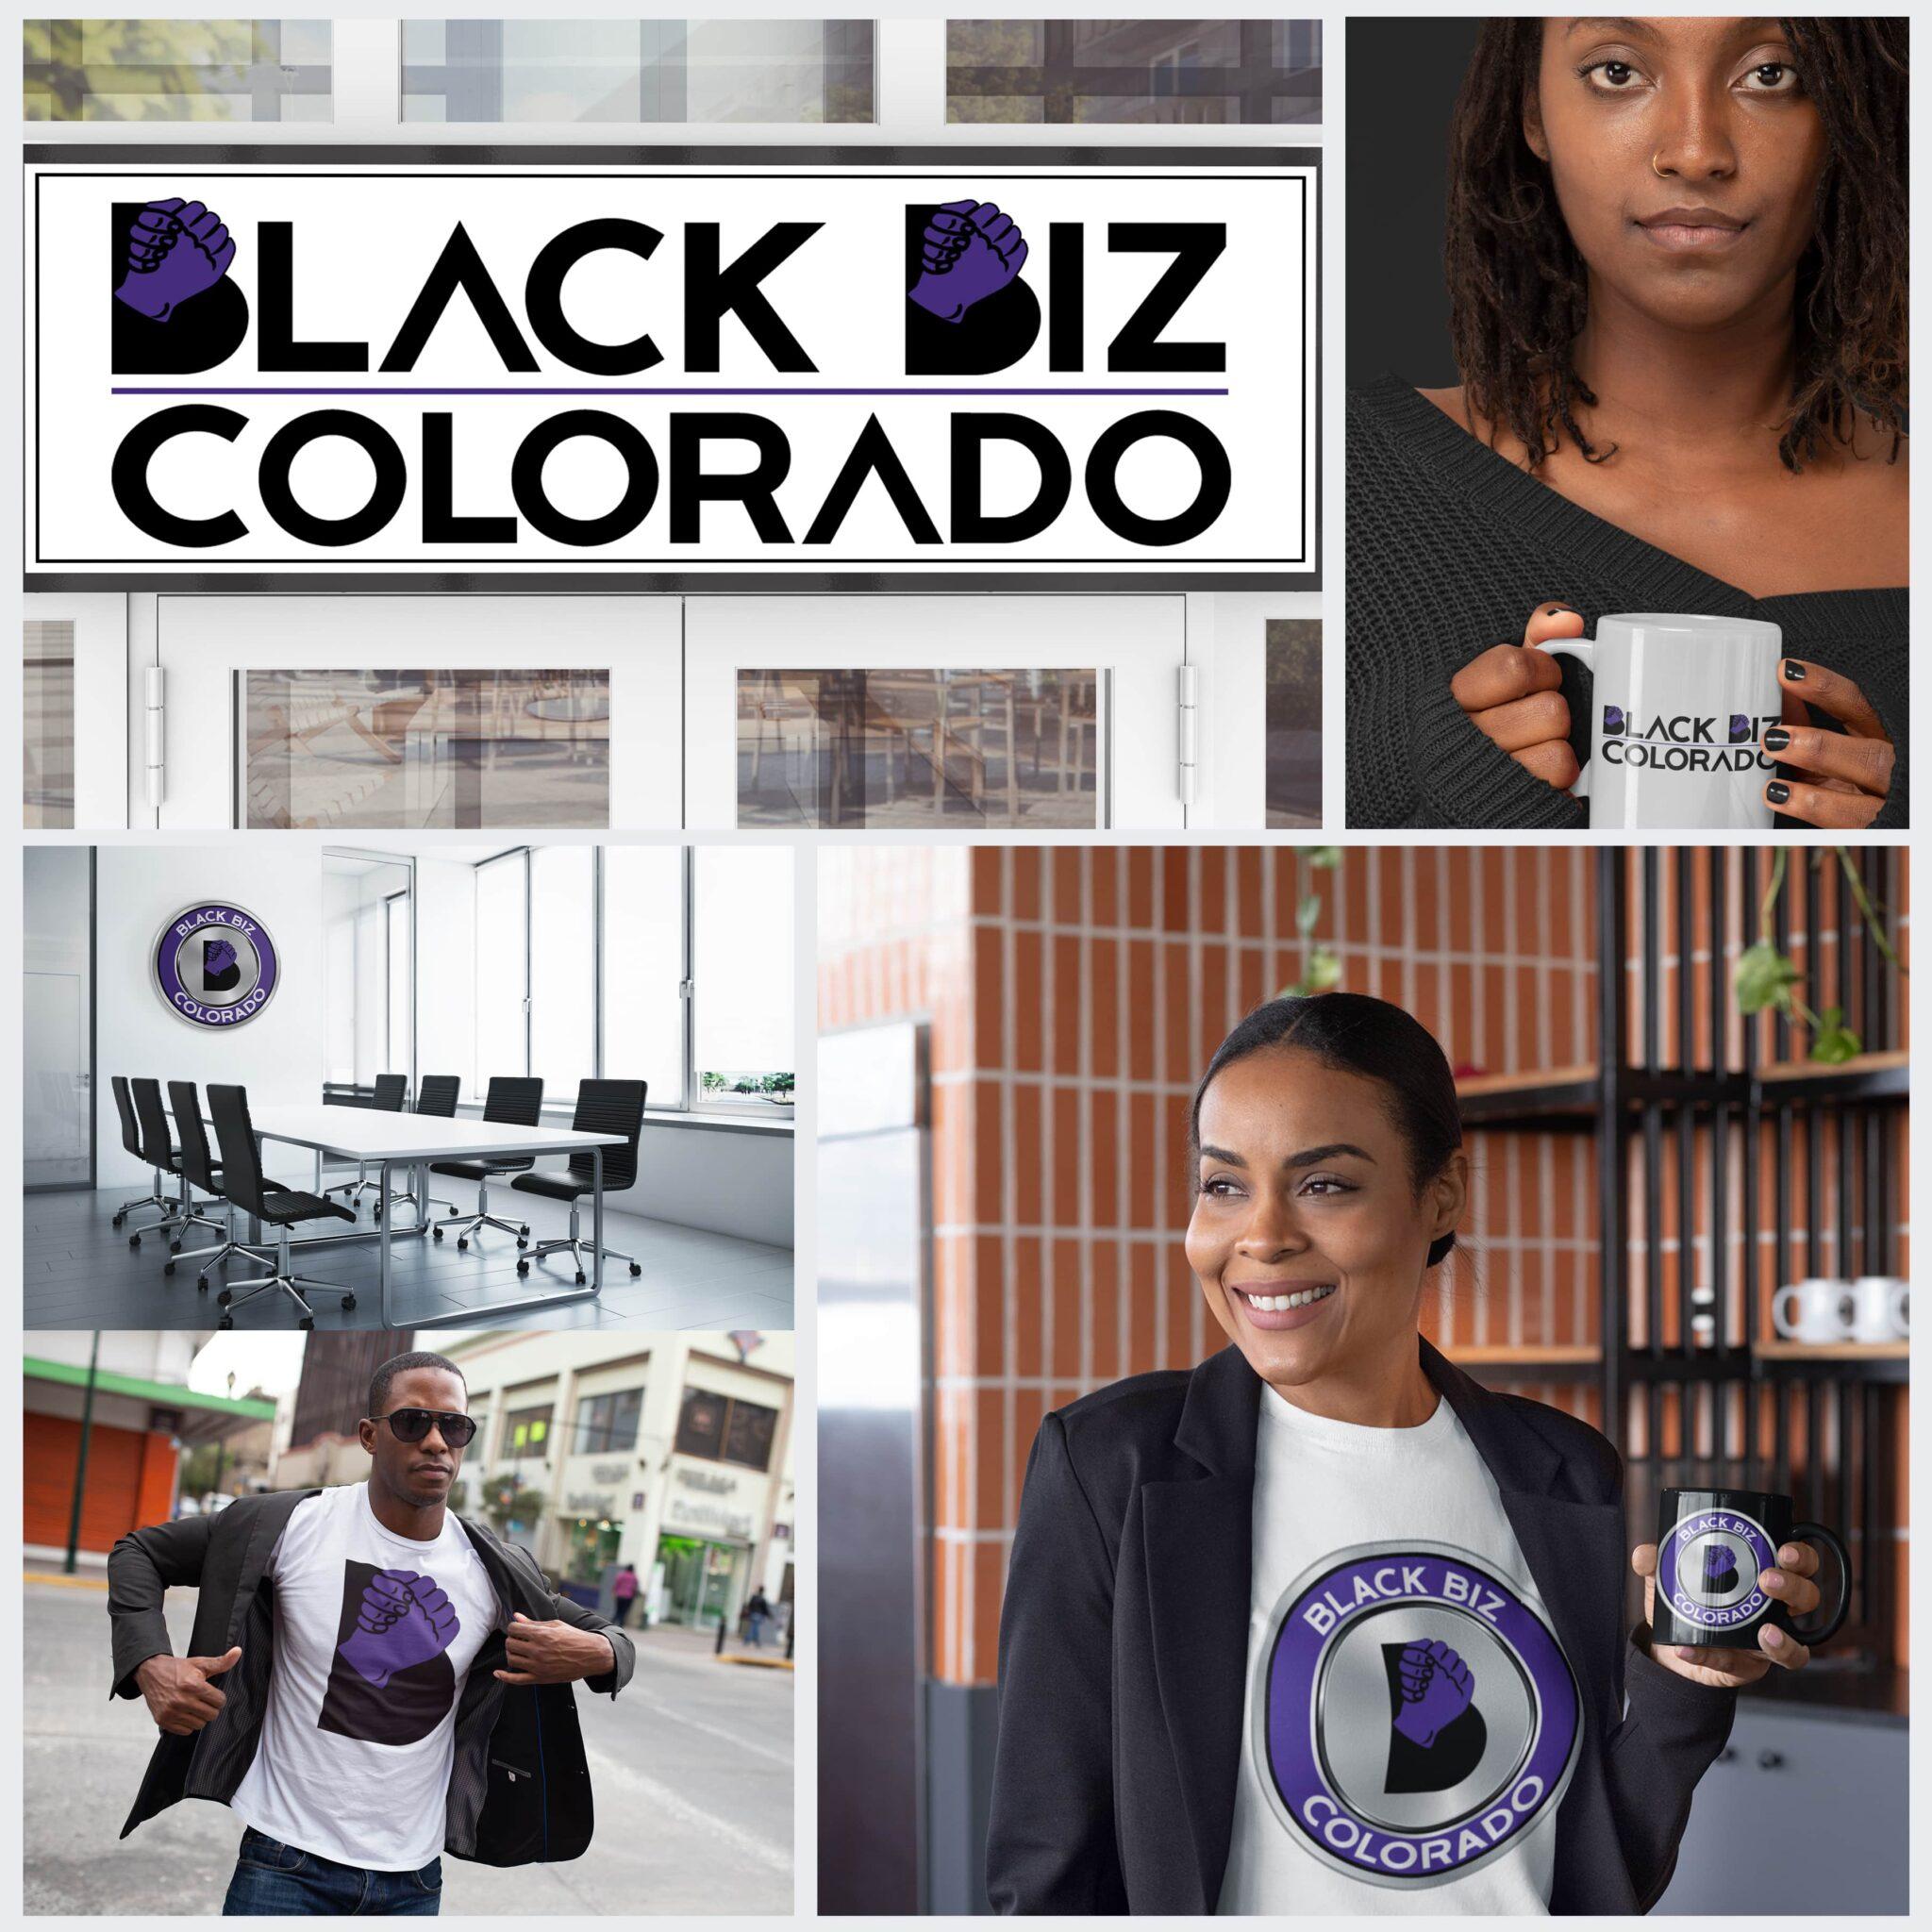 Black Biz Colorado Full Mockup